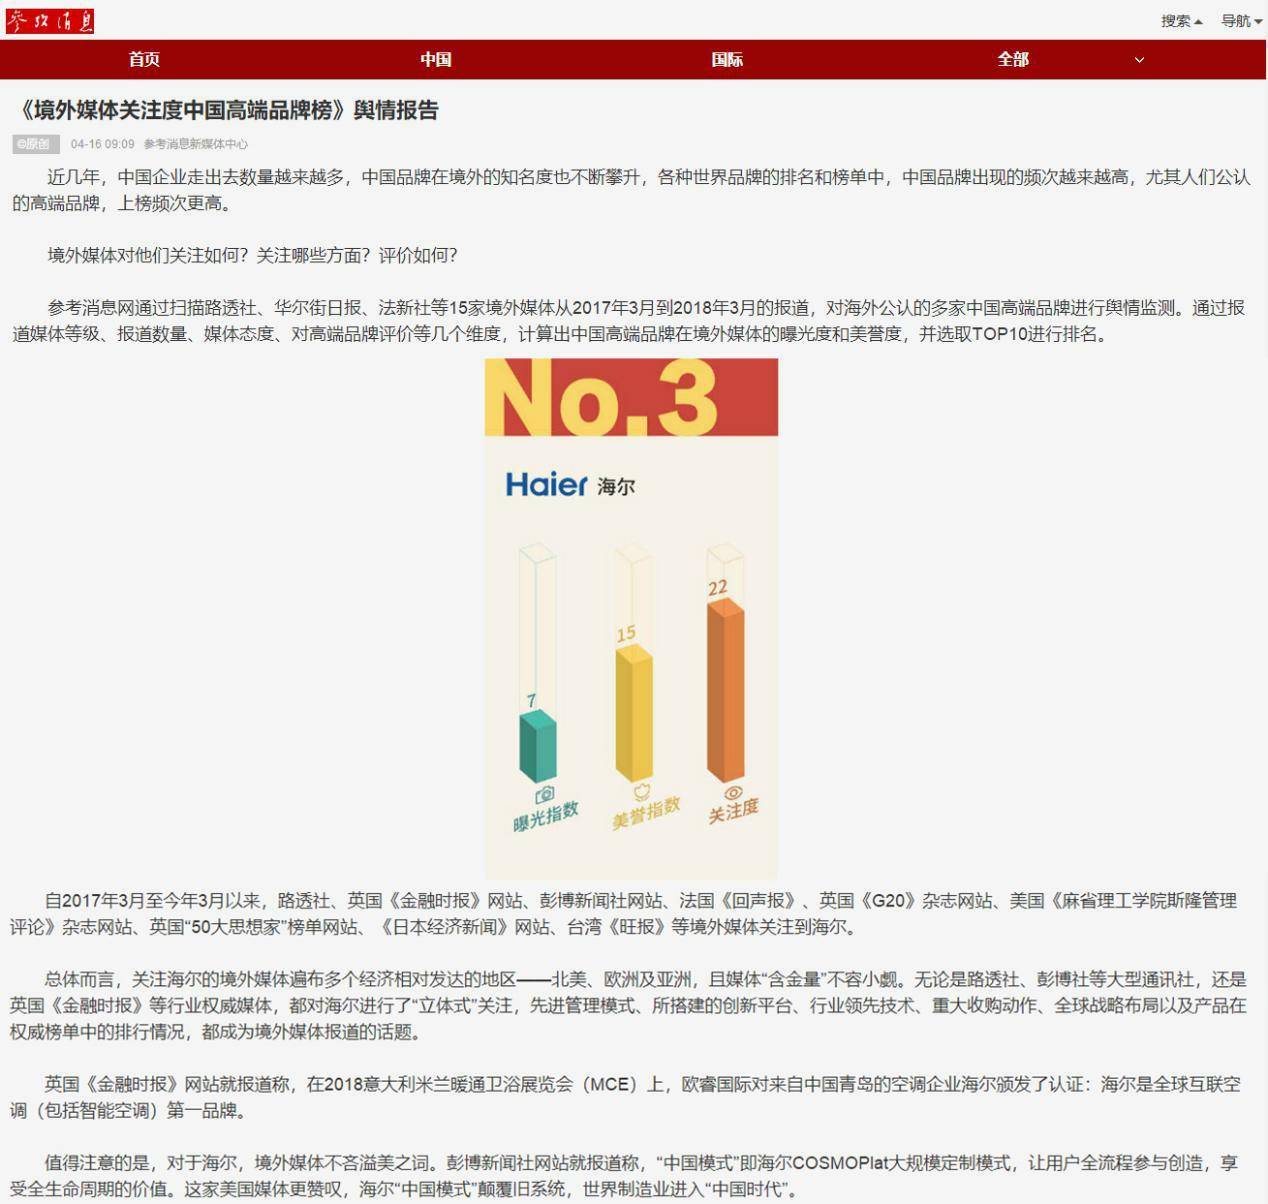 参考消息发布境外媒体关注度中国高端品牌榜:海尔COSMOPlat成焦点